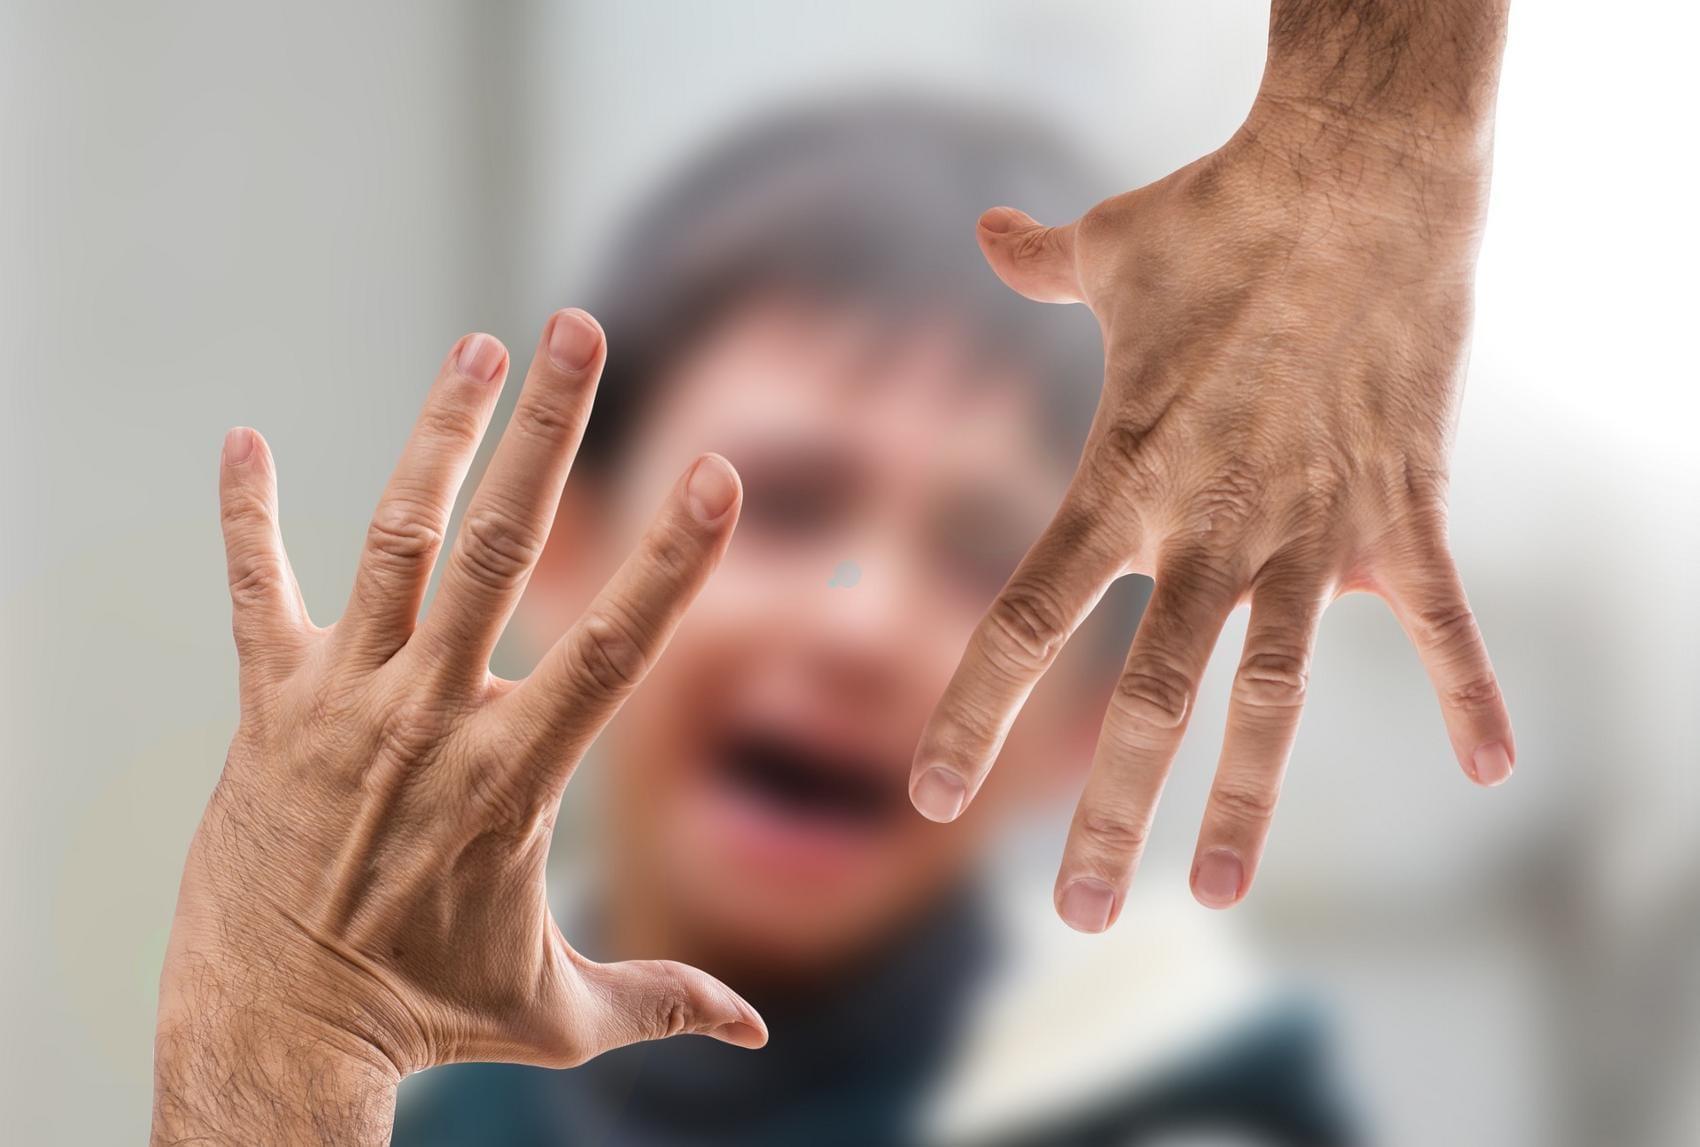 Kind Gewalt Weinen Angst